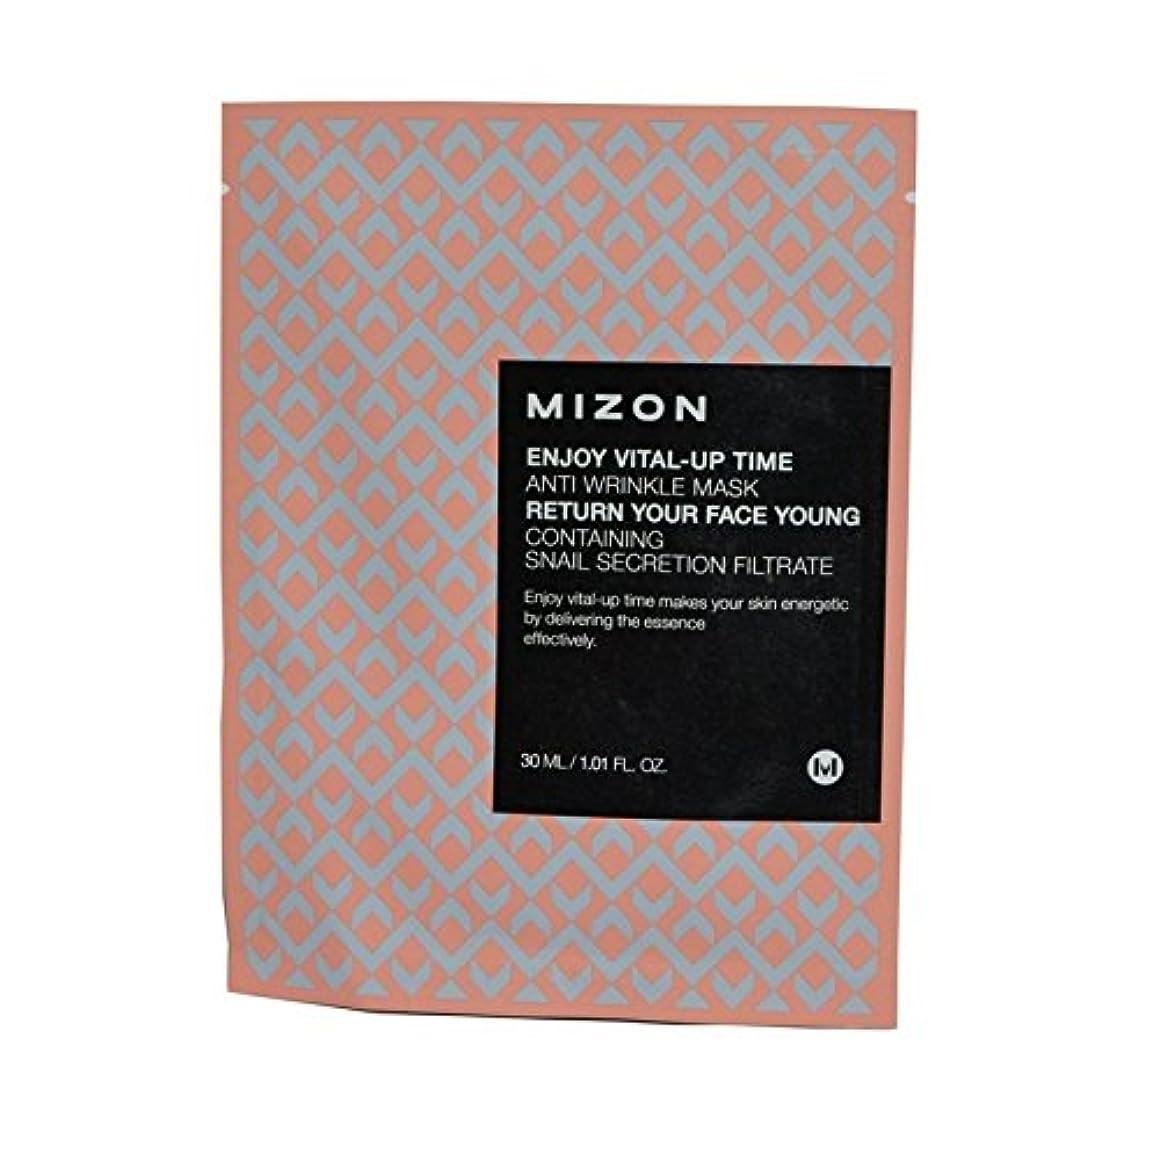 仕方ハミングバードカタログが不可欠アップ時間抗しわマスクを楽しみます x4 - Mizon Enjoy Vital Up Time Anti-Wrinkle Mask (Pack of 4) [並行輸入品]